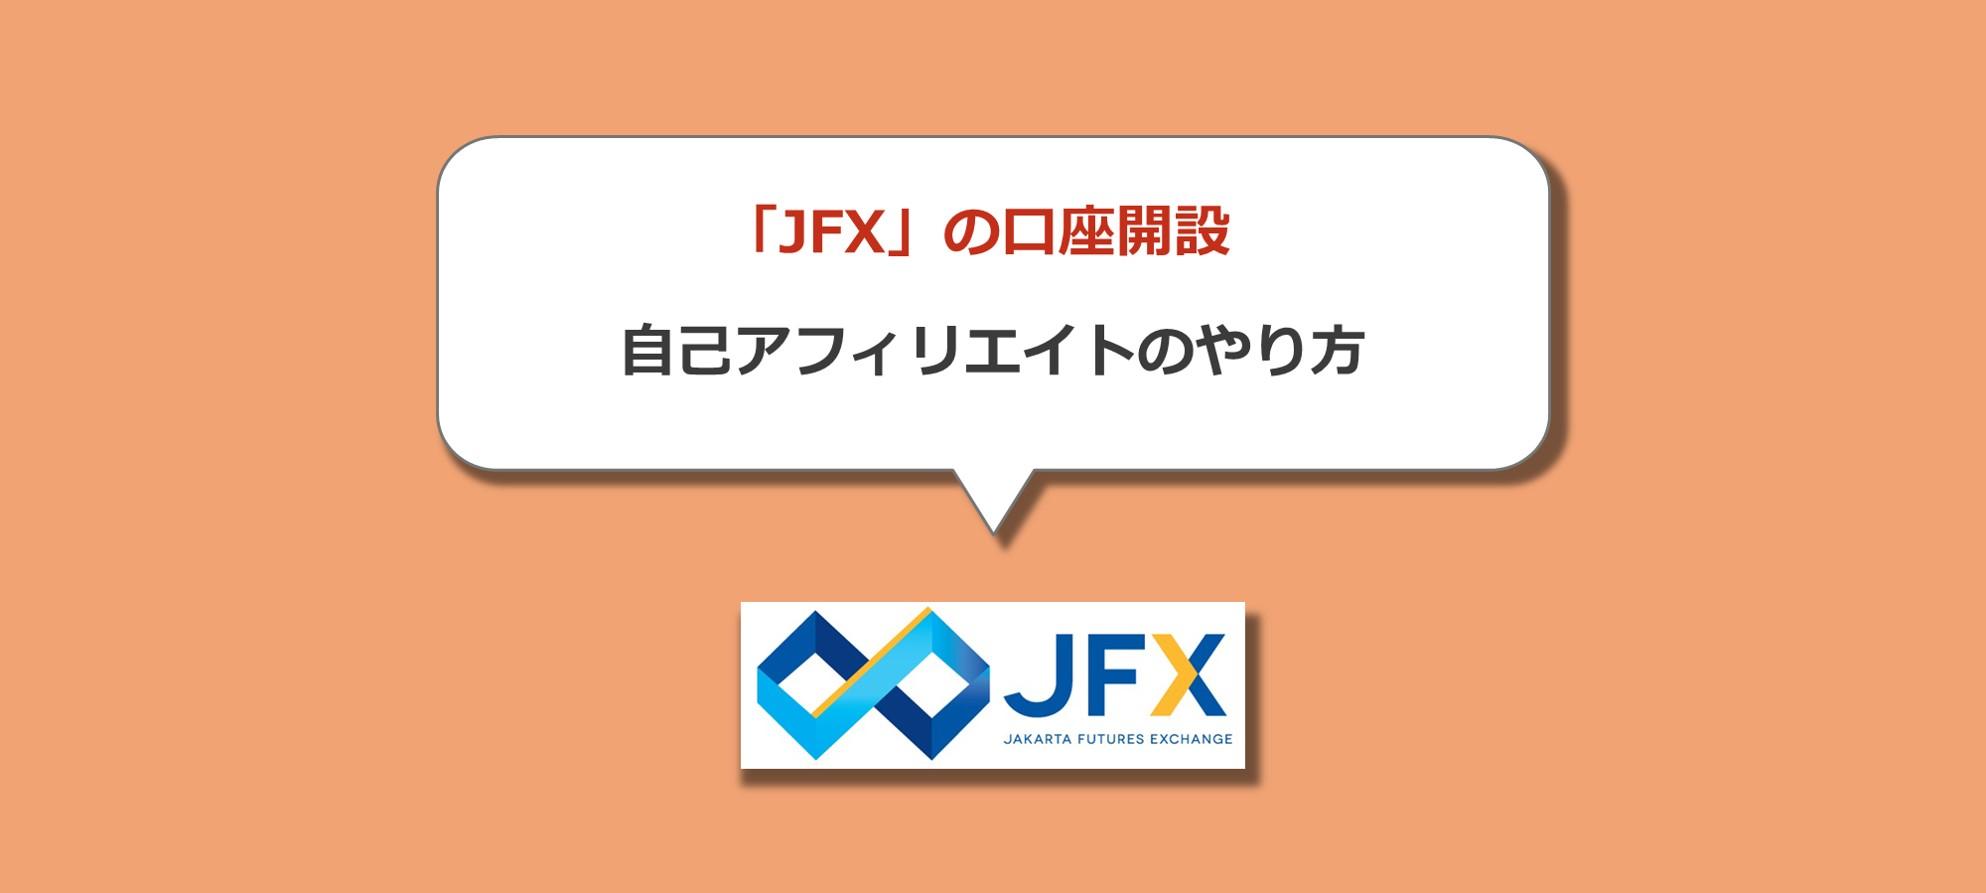 【自己アフィリエイト】JFXで報酬を受取る具体的な取引手順